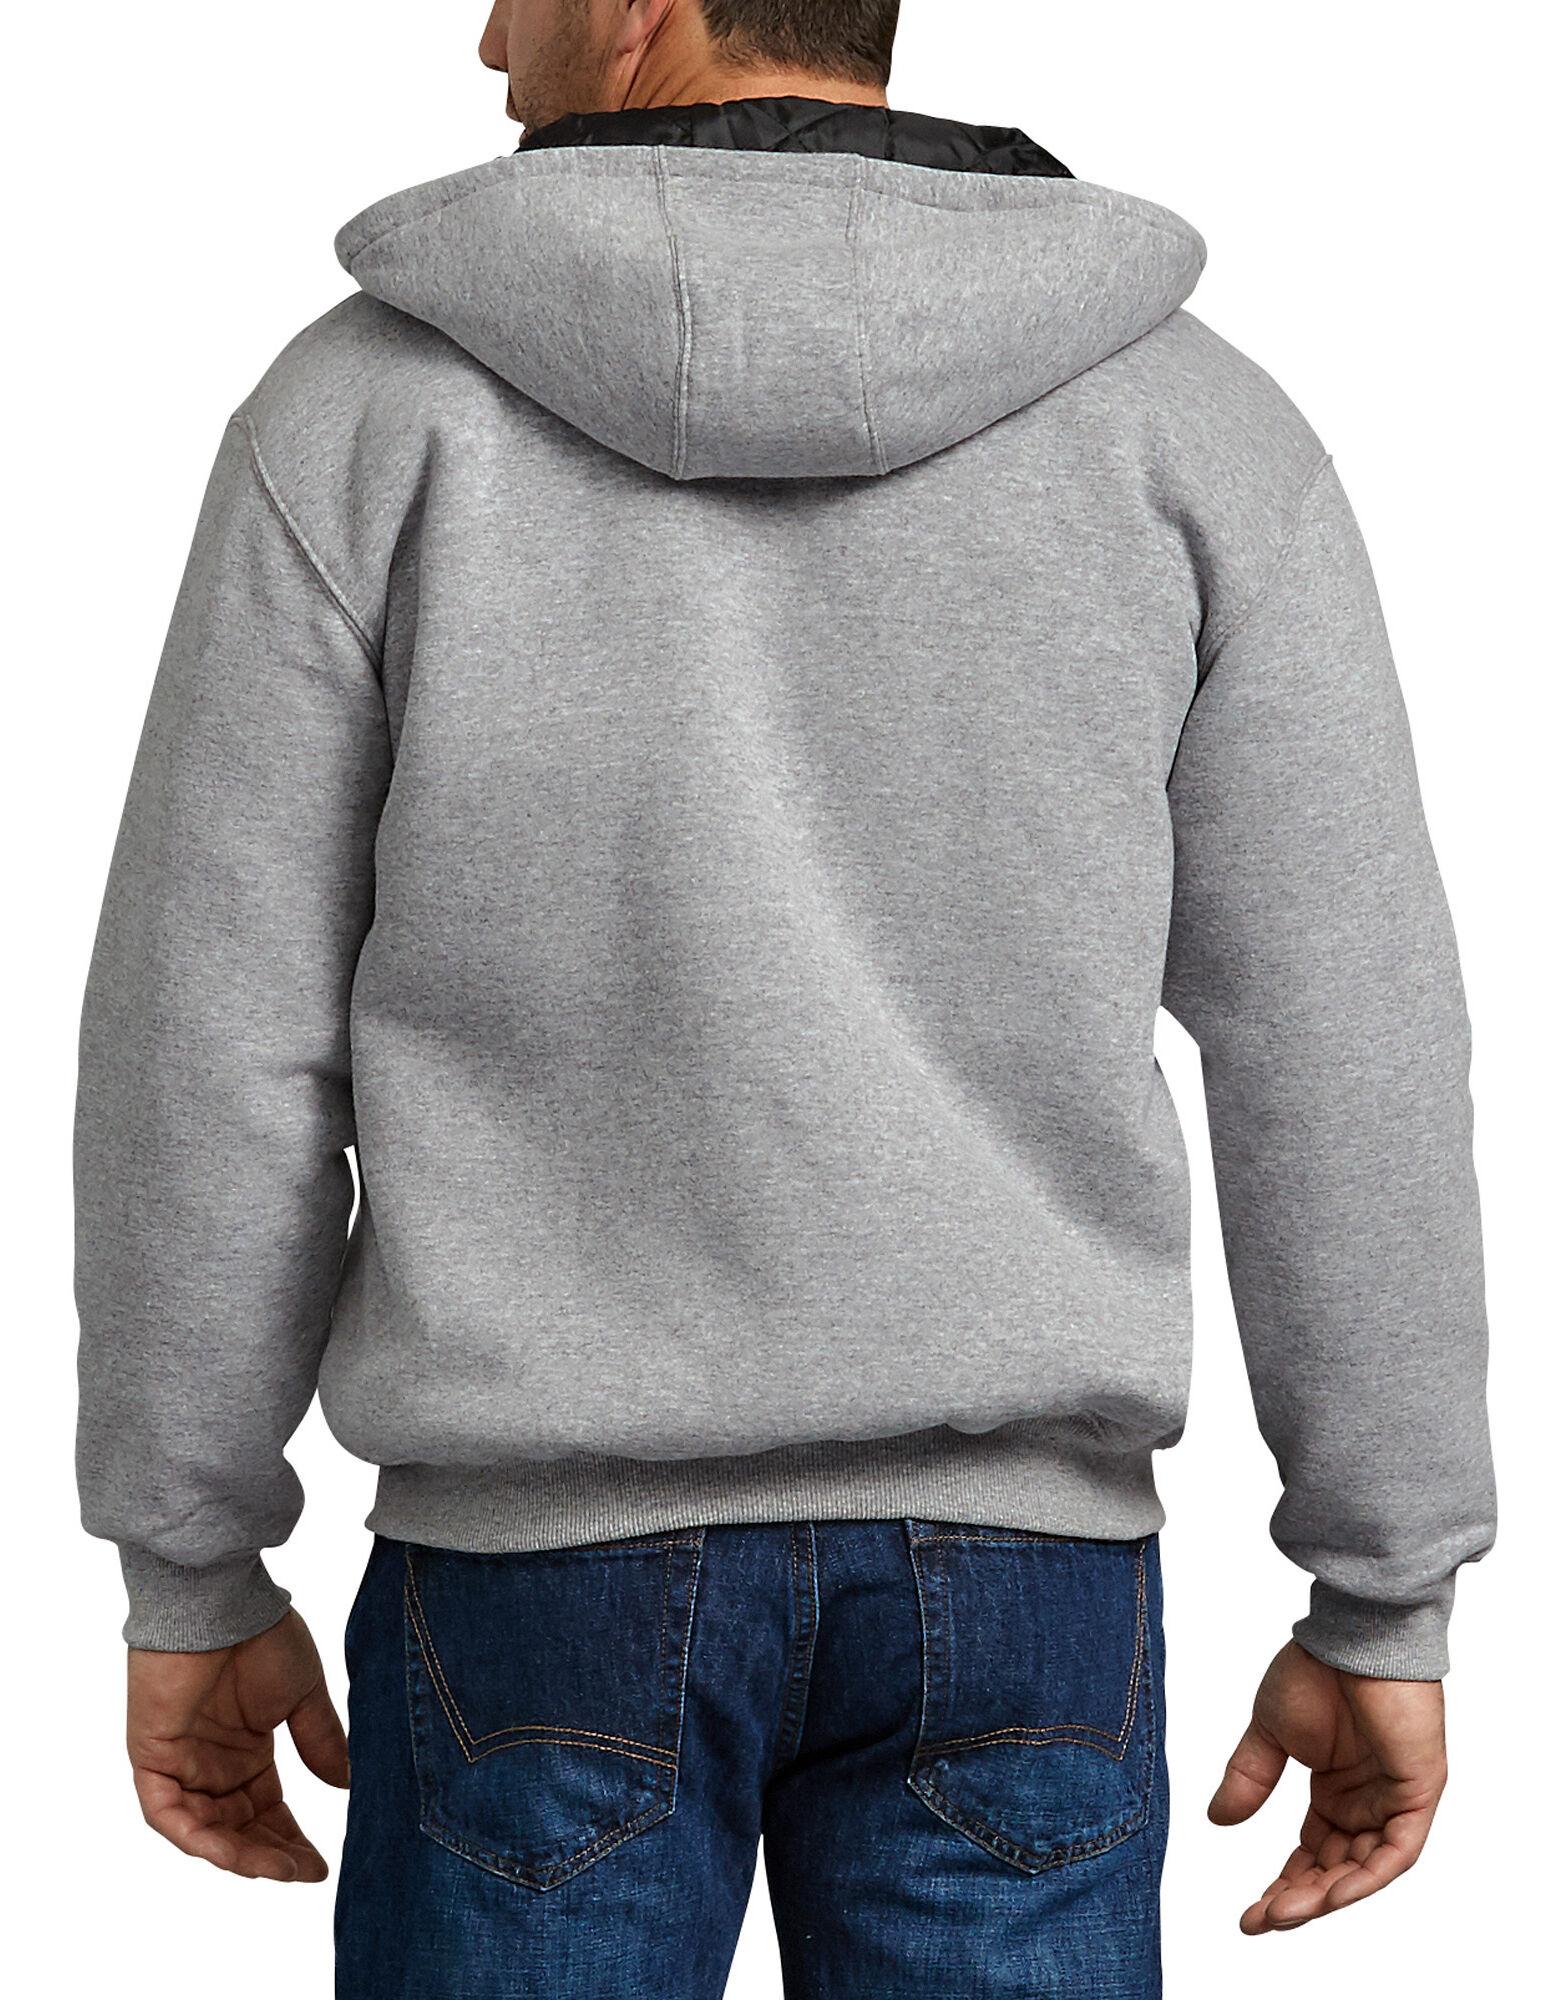 Dickies-Men-039-s-TW394-Heavyweight-Quilted-Fleece-Zip-Up-Hoodie thumbnail 7